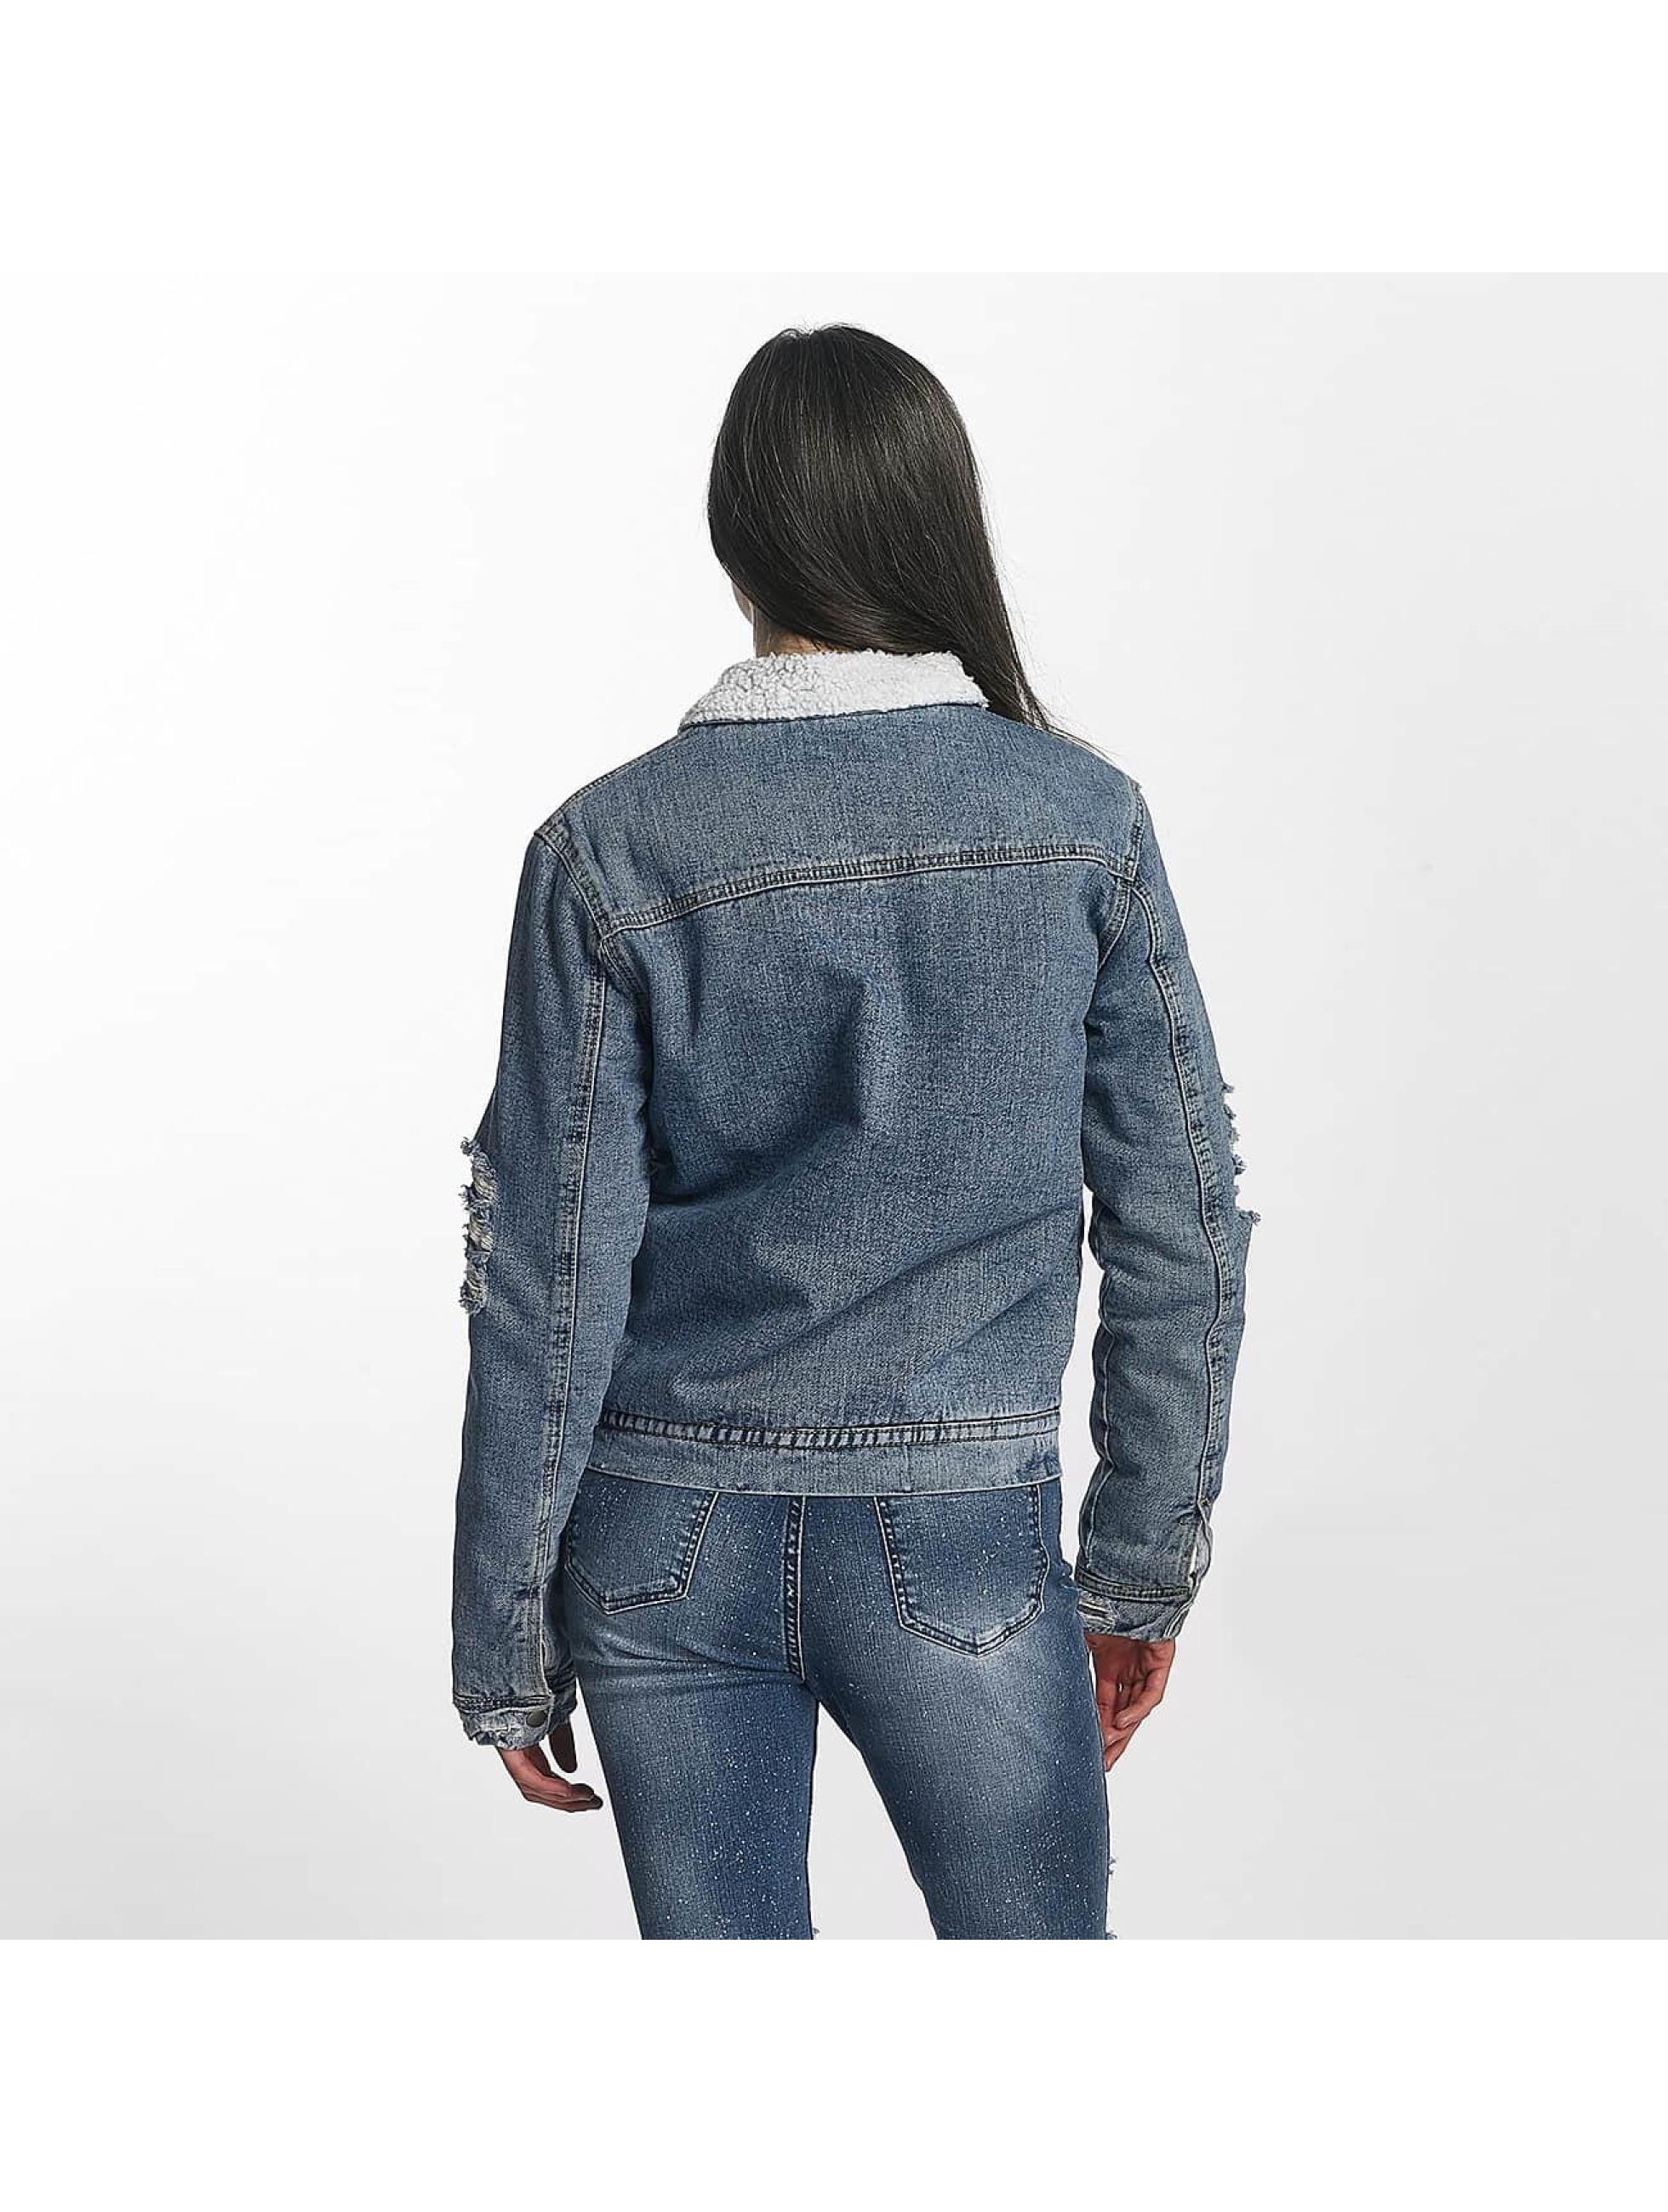 Sixth June Chaqueta de entretiempo Jeans Sherpa azul